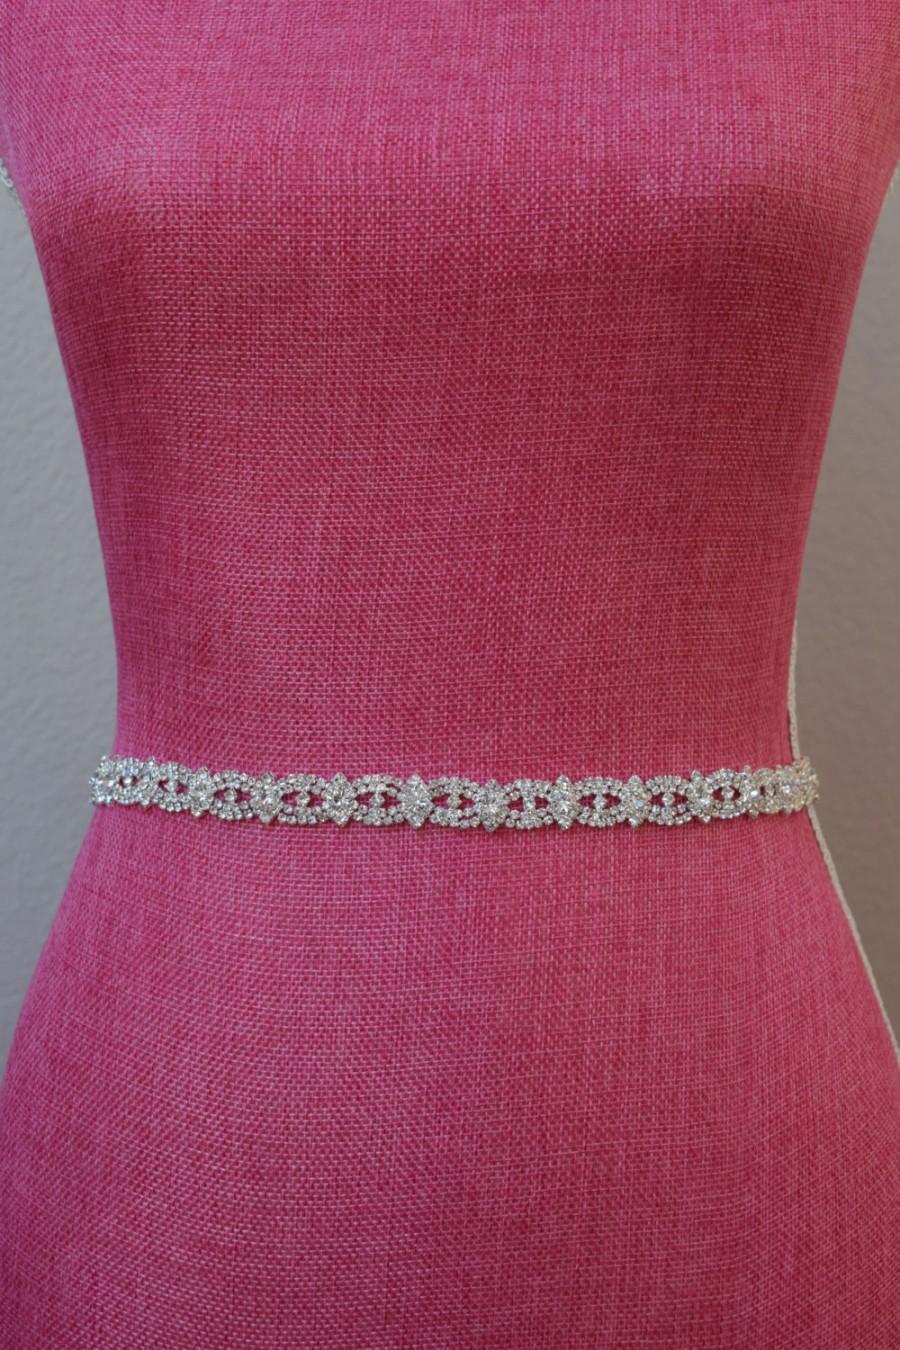 Mariage - Thin Crystal Rhinestone Belt-  Bridal Belt- Rhinestone Hair Band - Bridesmaids Belt - Bridal Sash -  EYM B003